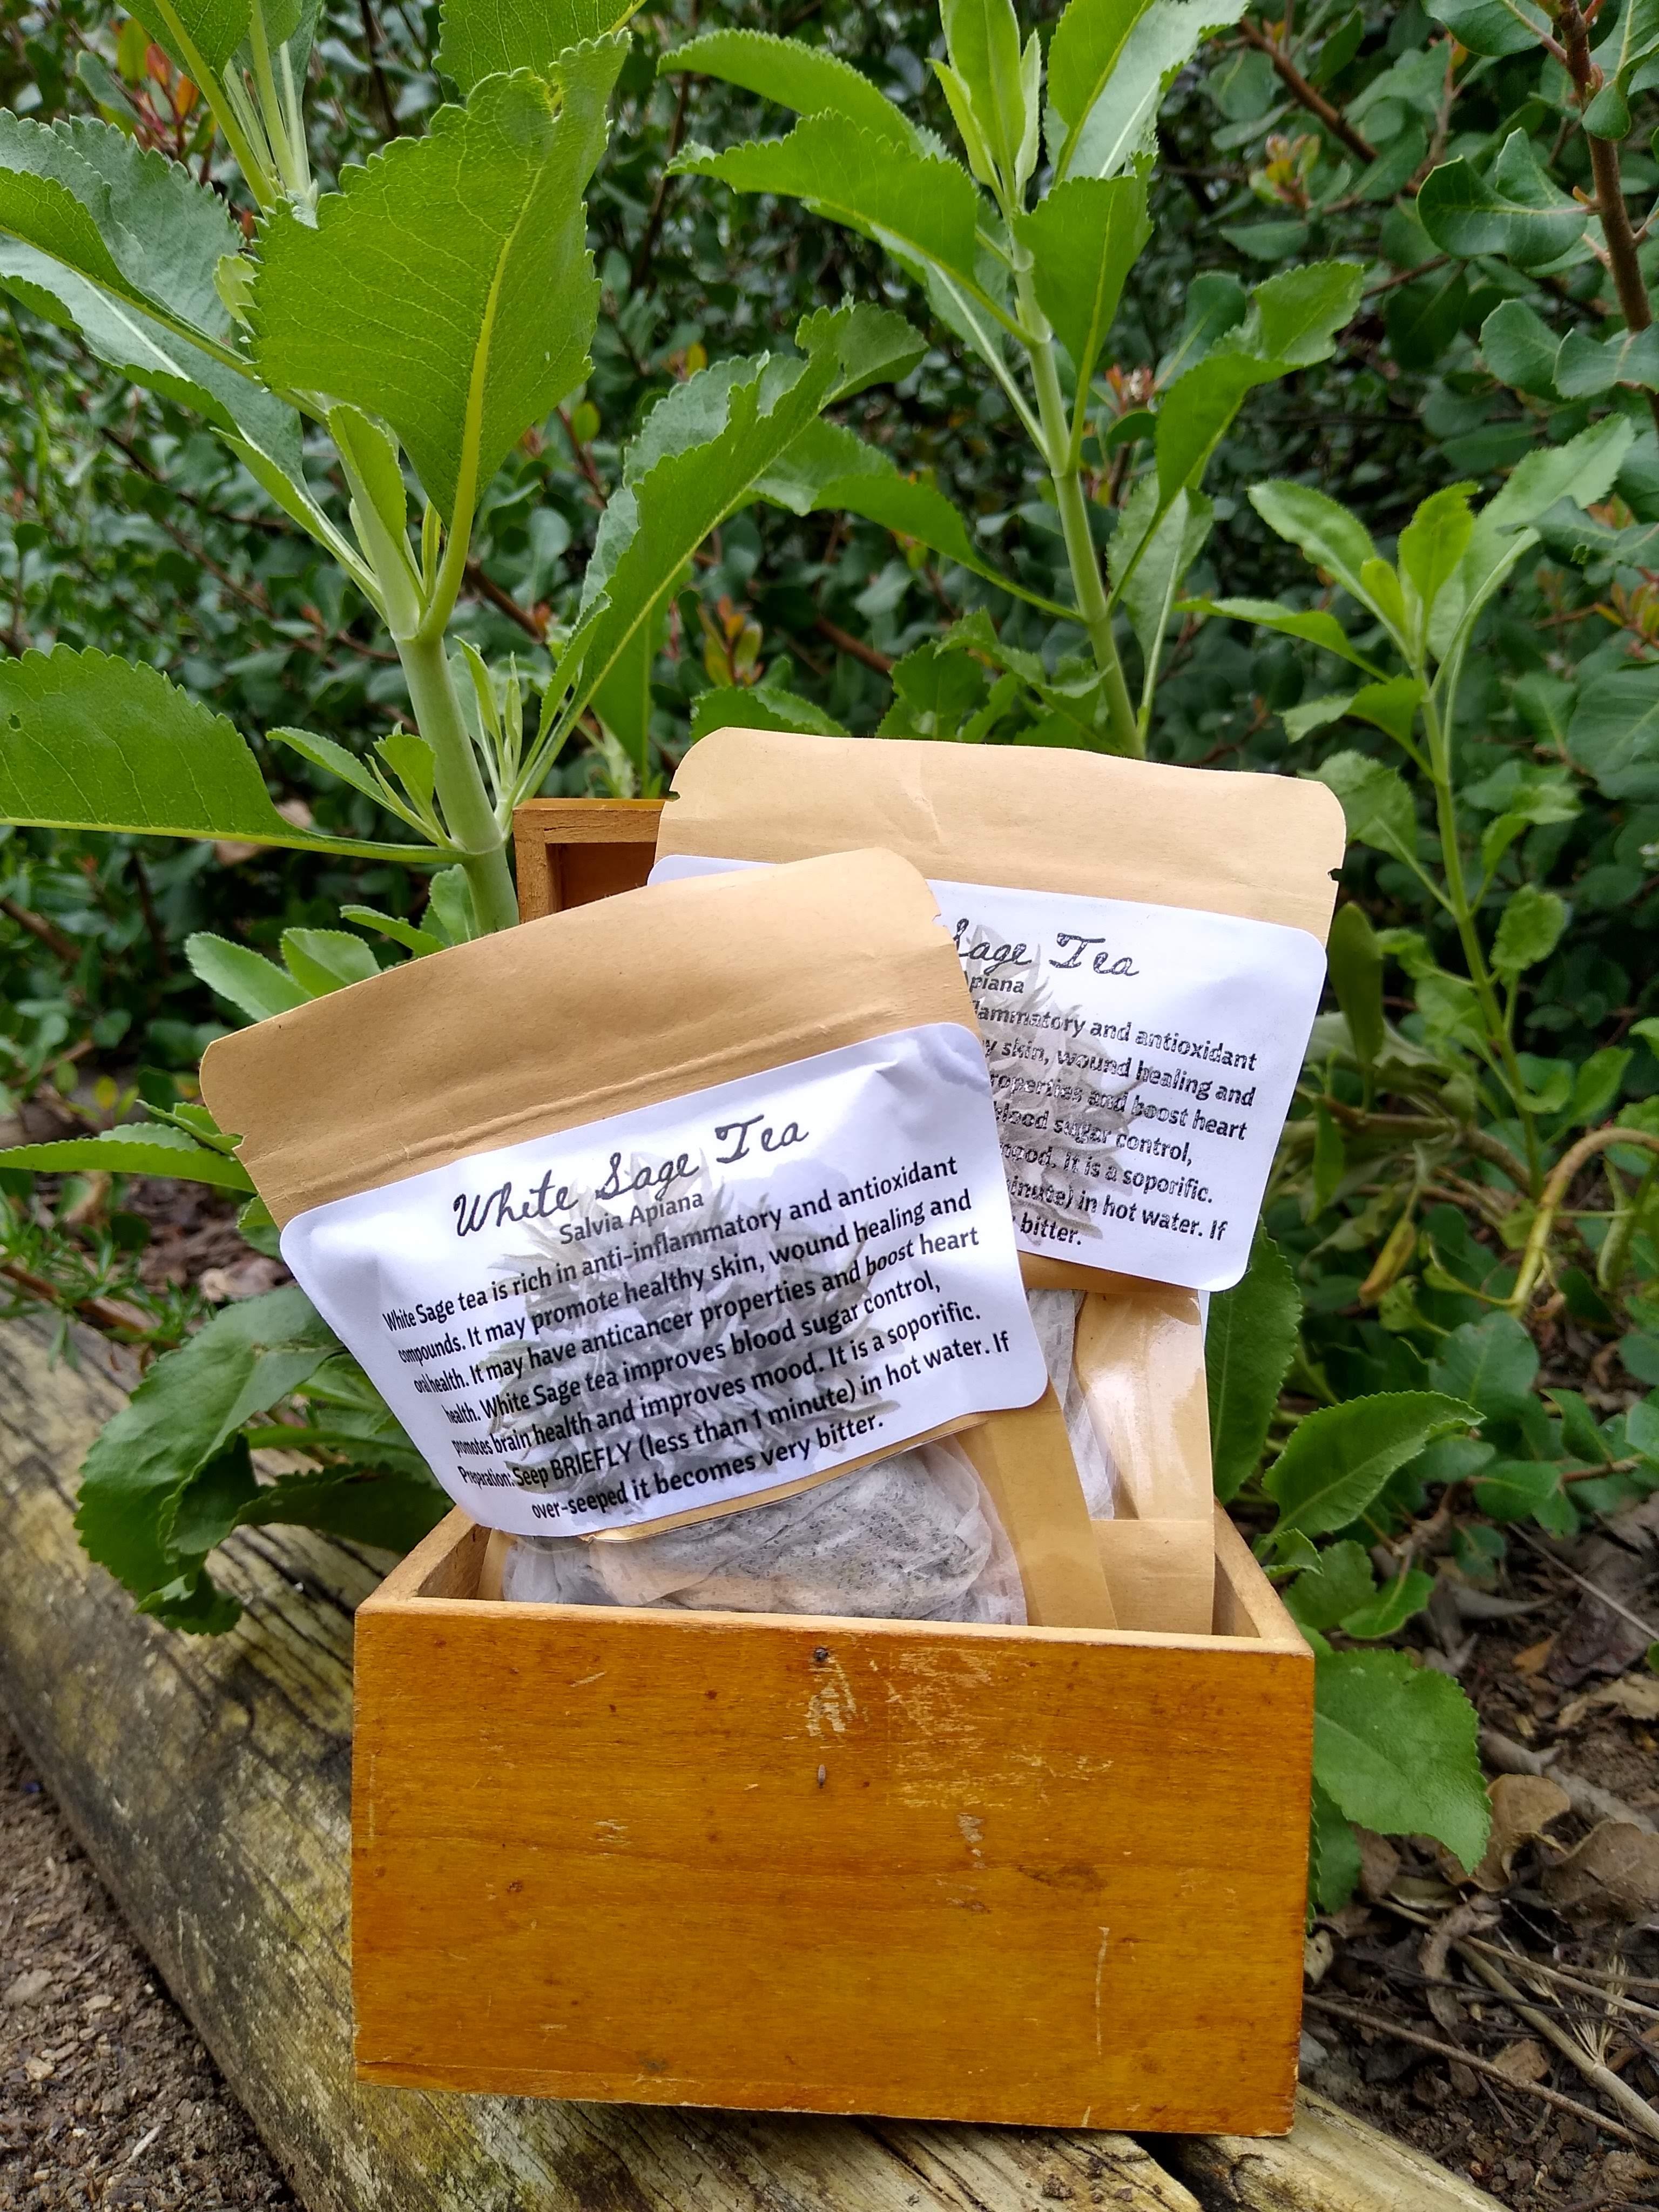 Salvia Apiana tea